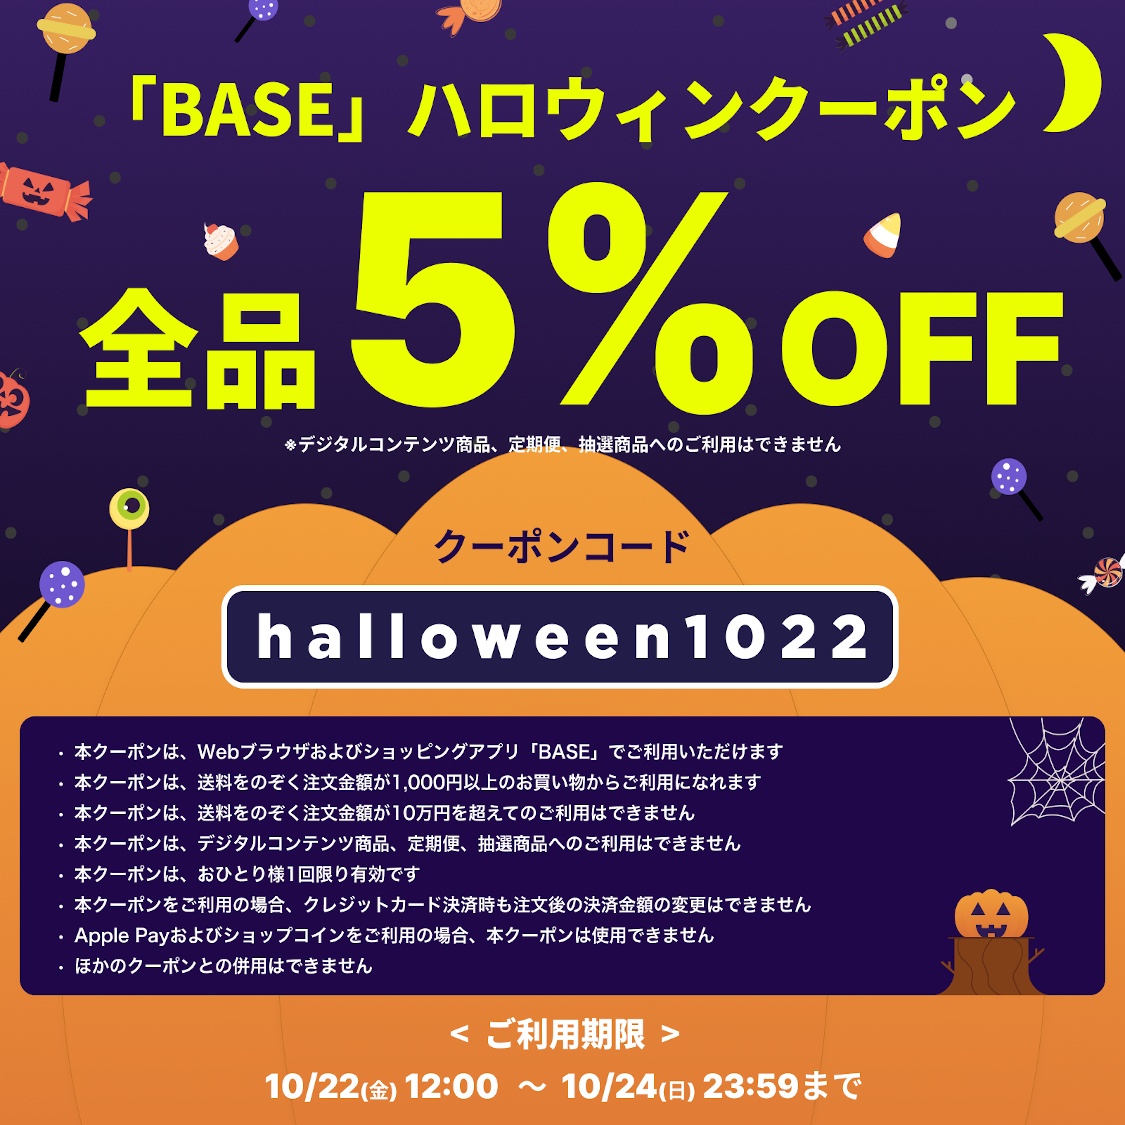 【10/22~10/24 期間限定】 ハロウィンクーポンキャンペーン!お得な5%OFFクーポン